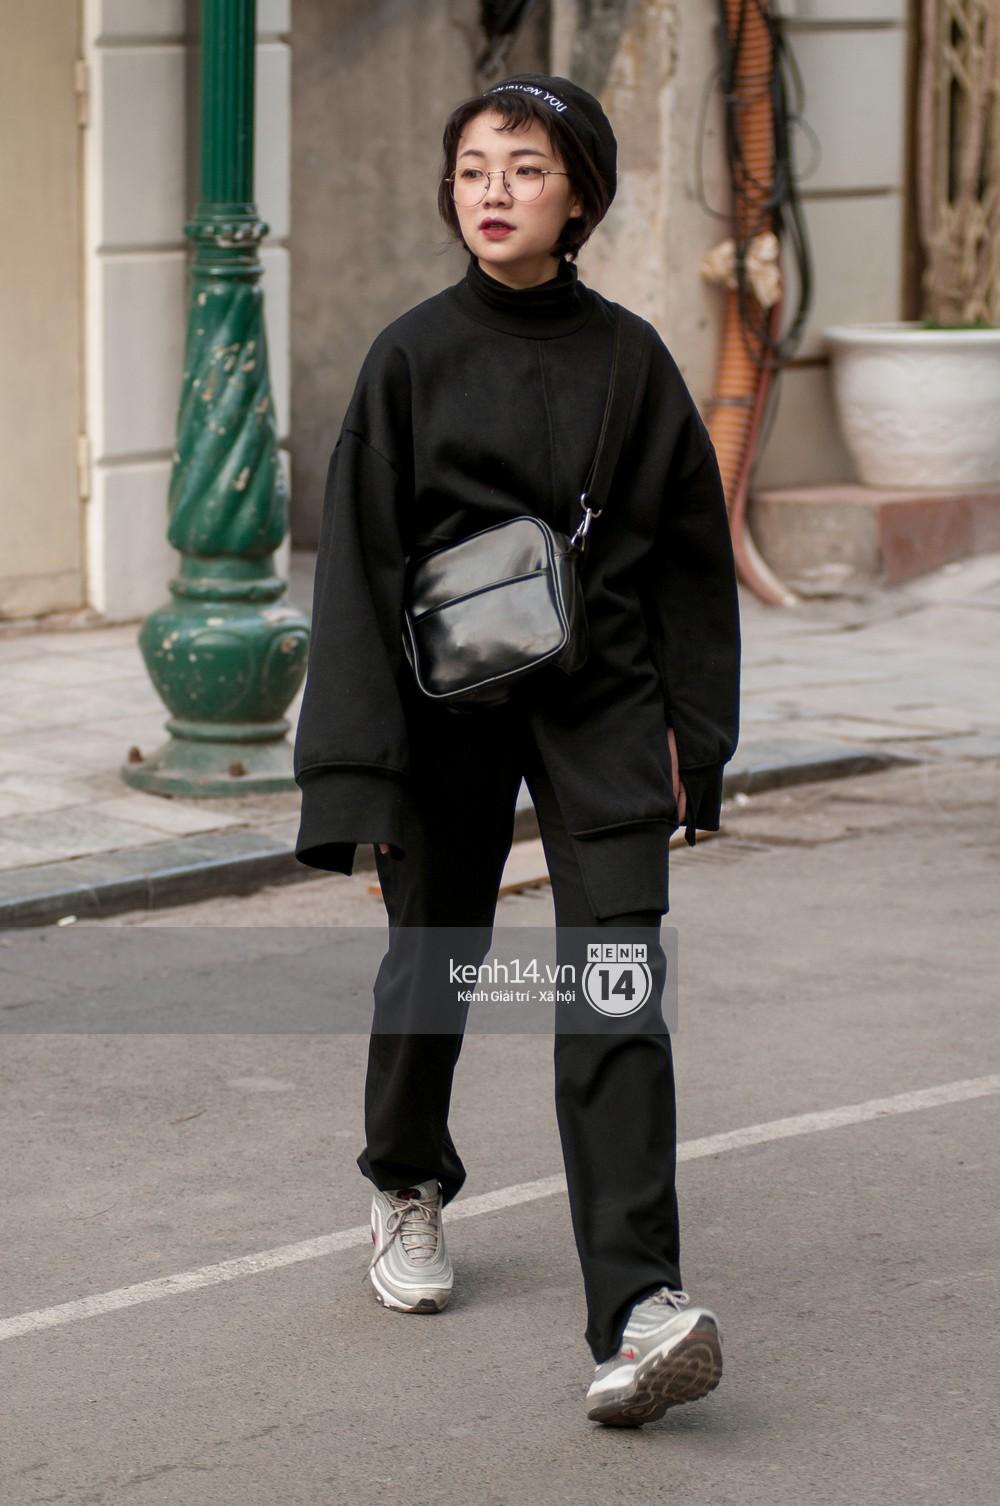 Street style 2 miền: các bạn trẻ nhất mực tôn sùng waist bag và side bag dù có lên đồ theo phong cách nào - Ảnh 3.